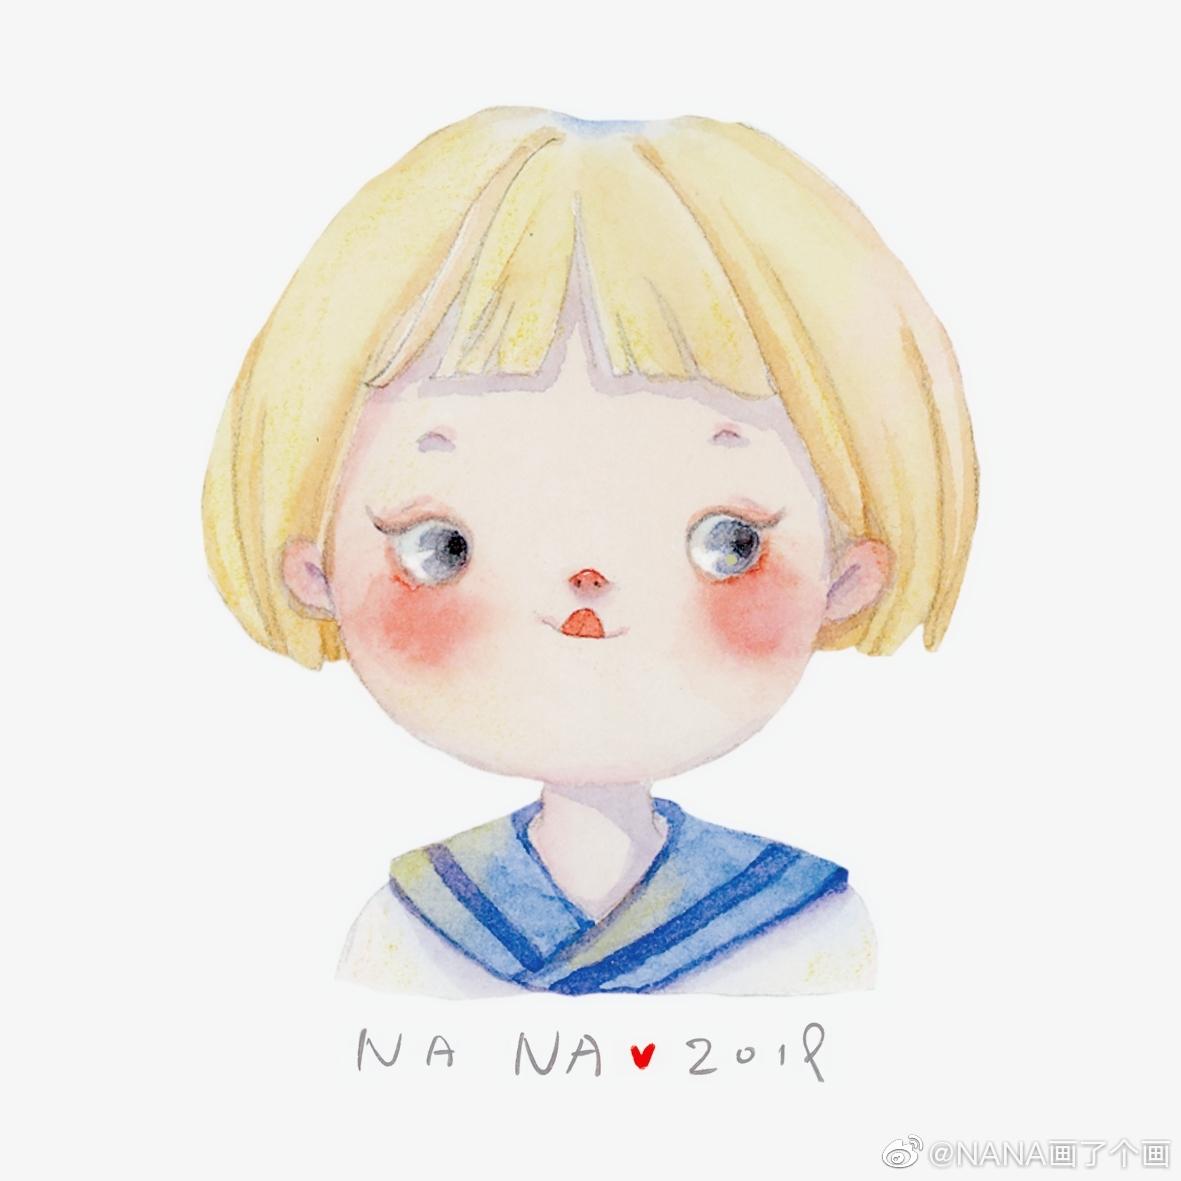 作者:@NANA画了个画新一轮小可爱,乖巧地排排站